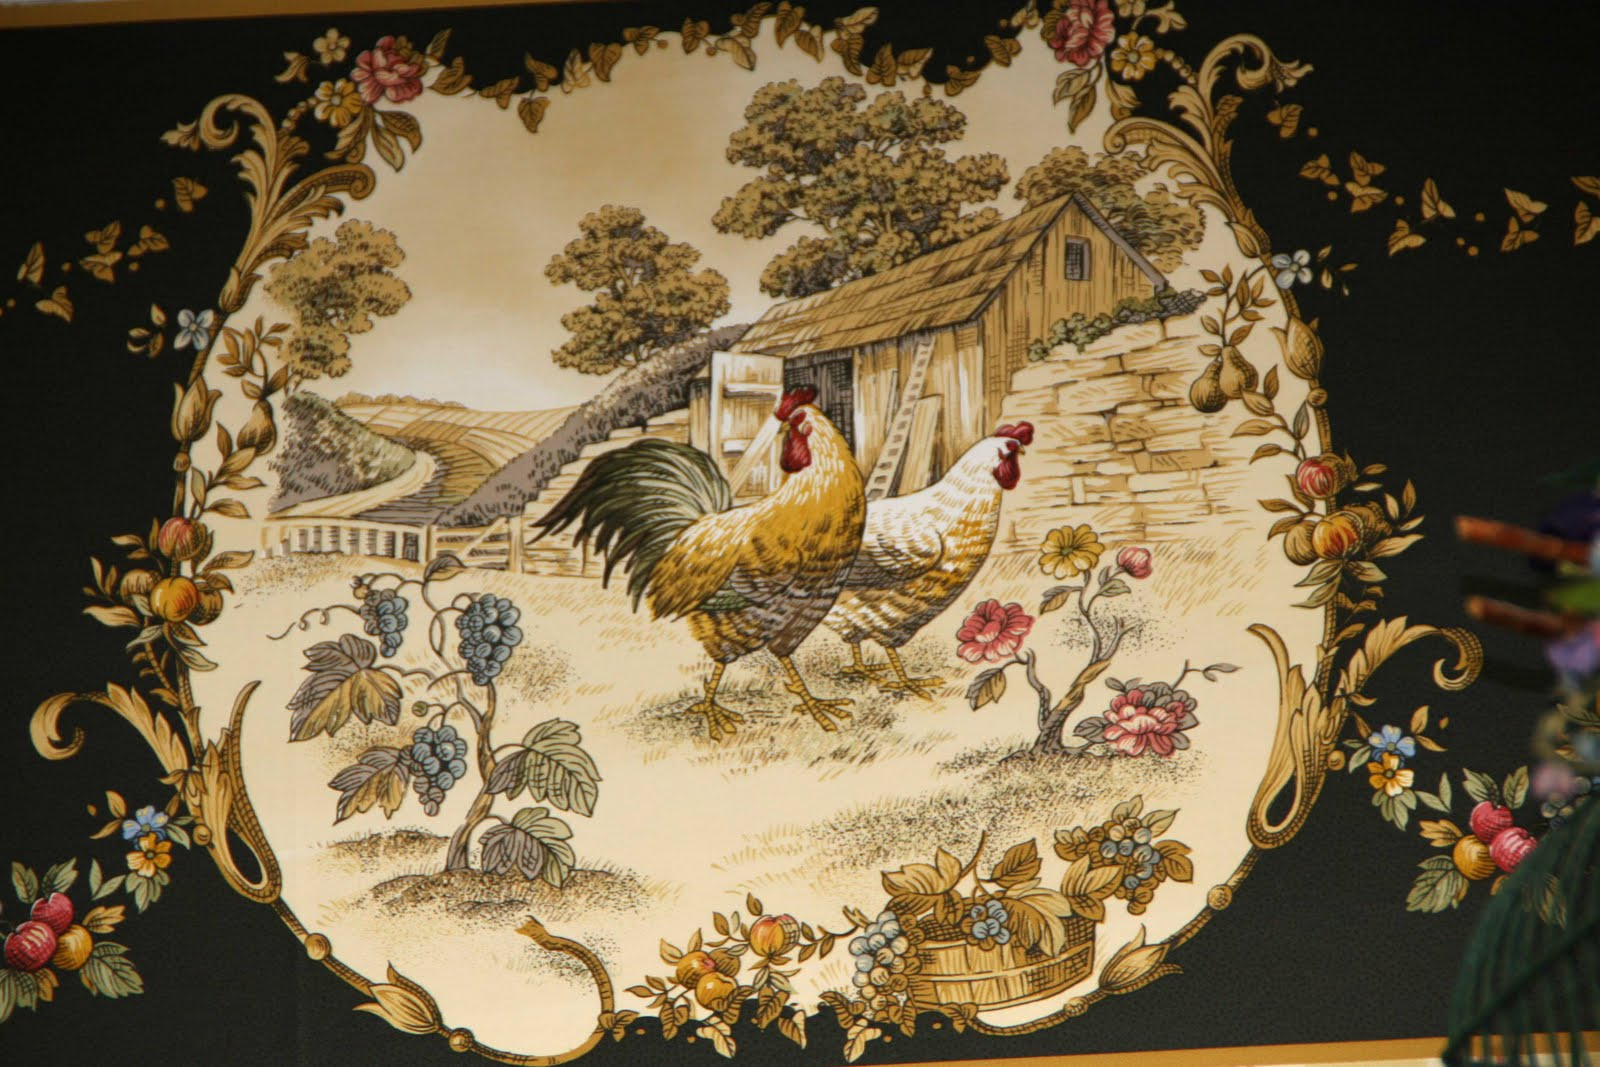 Kitchen border wallpaper photo - 3